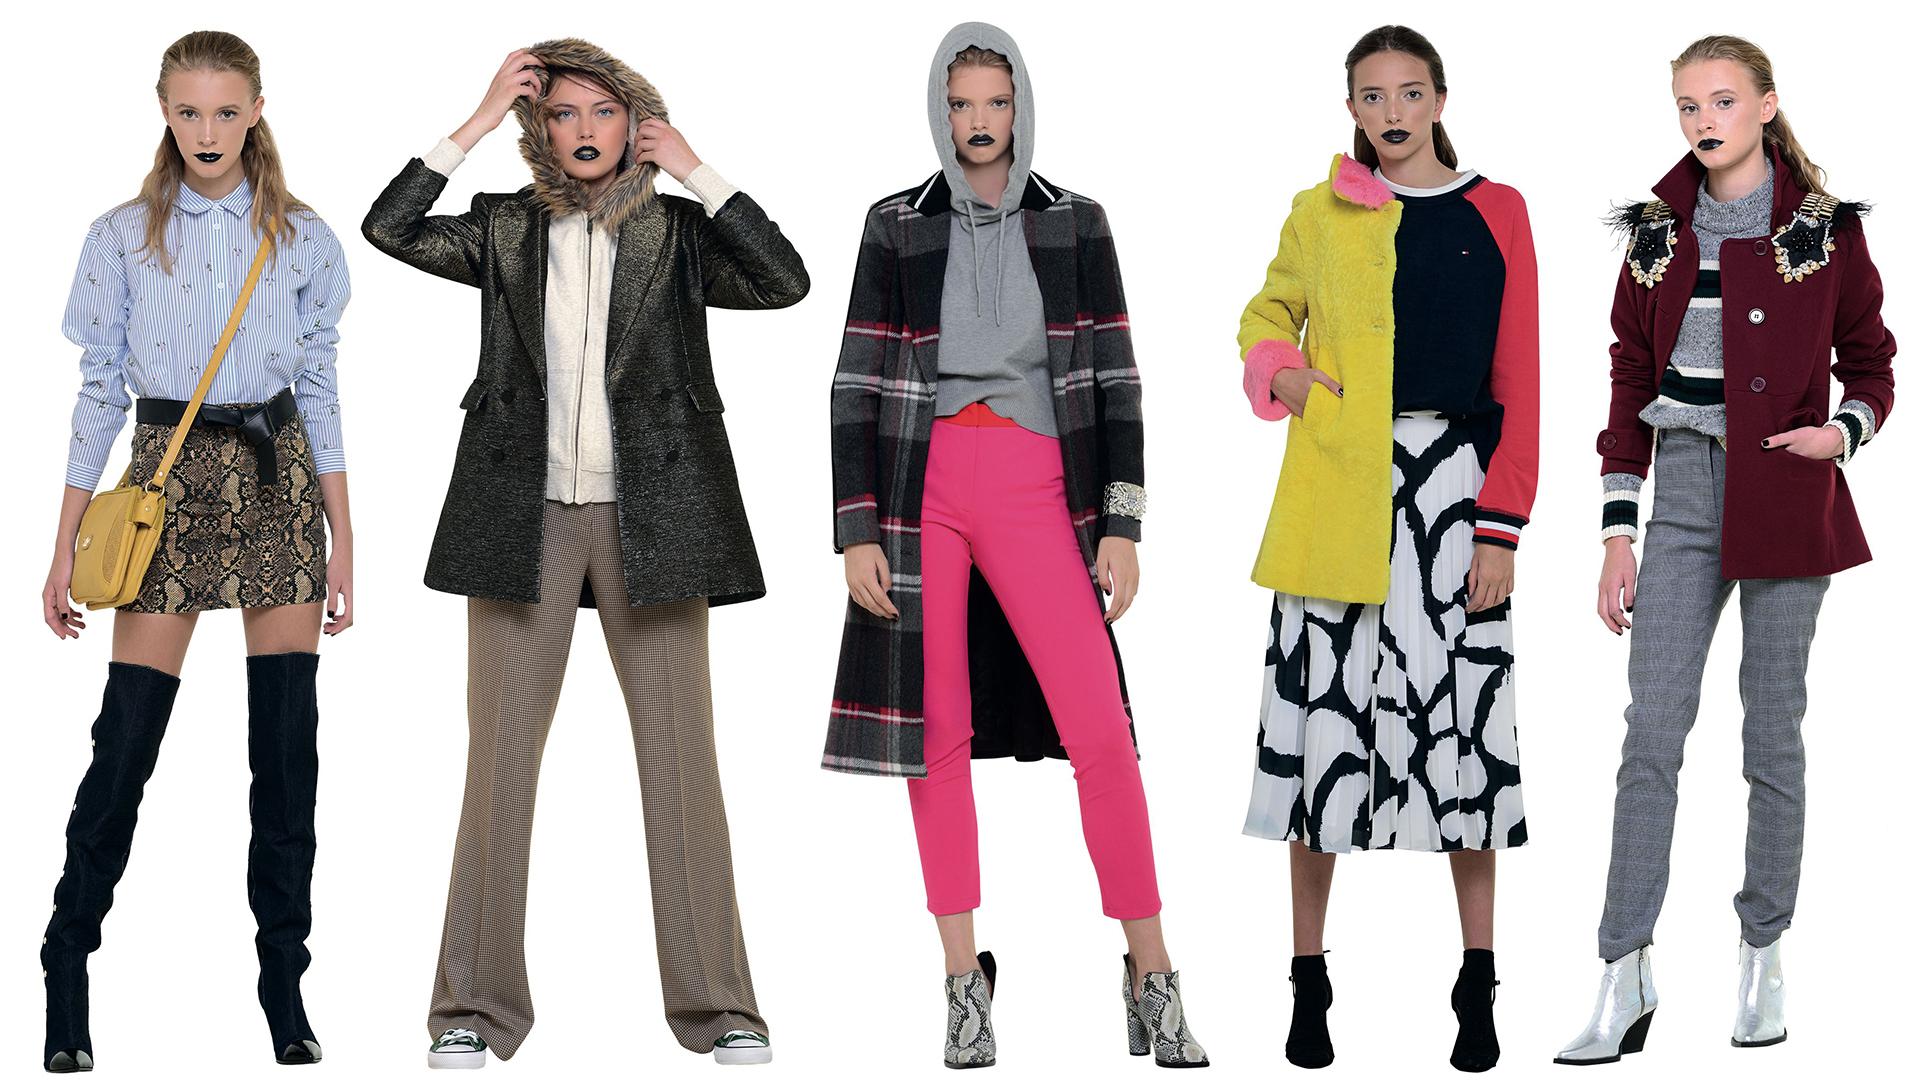 Mini, pantalón ancho, tapado con estampa a cuadros, falda largo midi y suéter oversize… Algunos de los ítems que se llevan esta temporada.